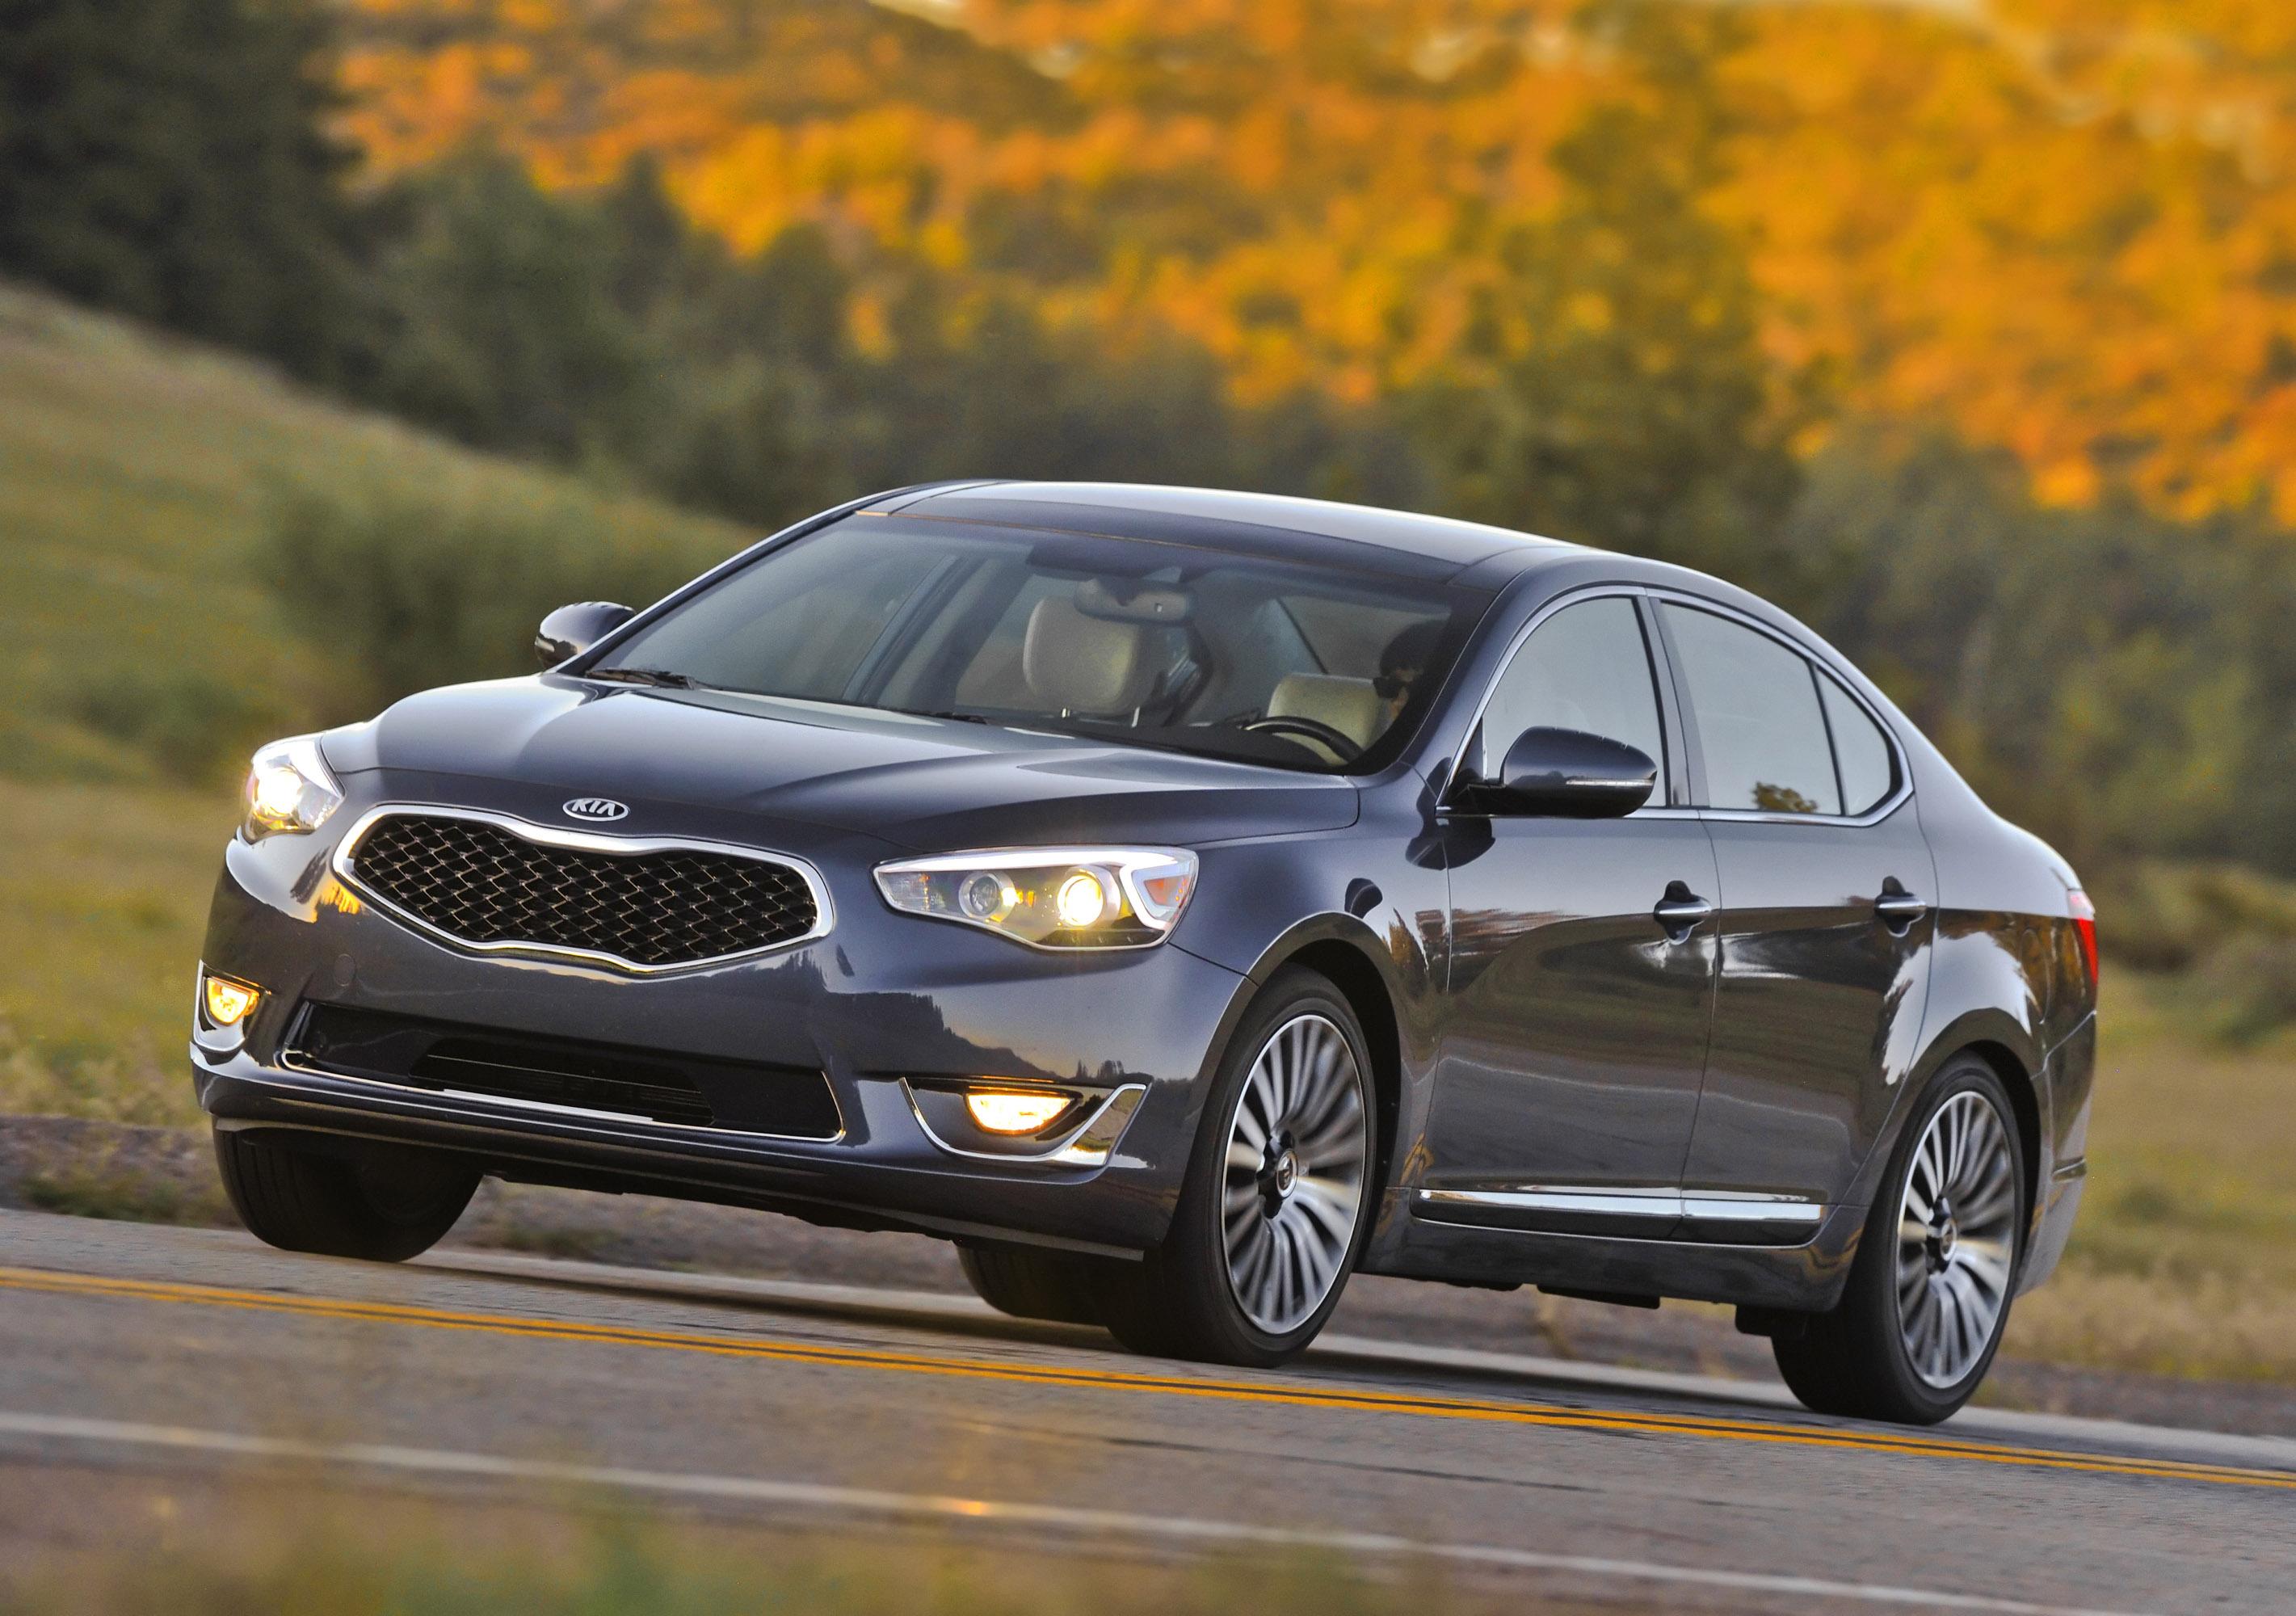 kia full ex ga dealerships listings optimum in motors forte